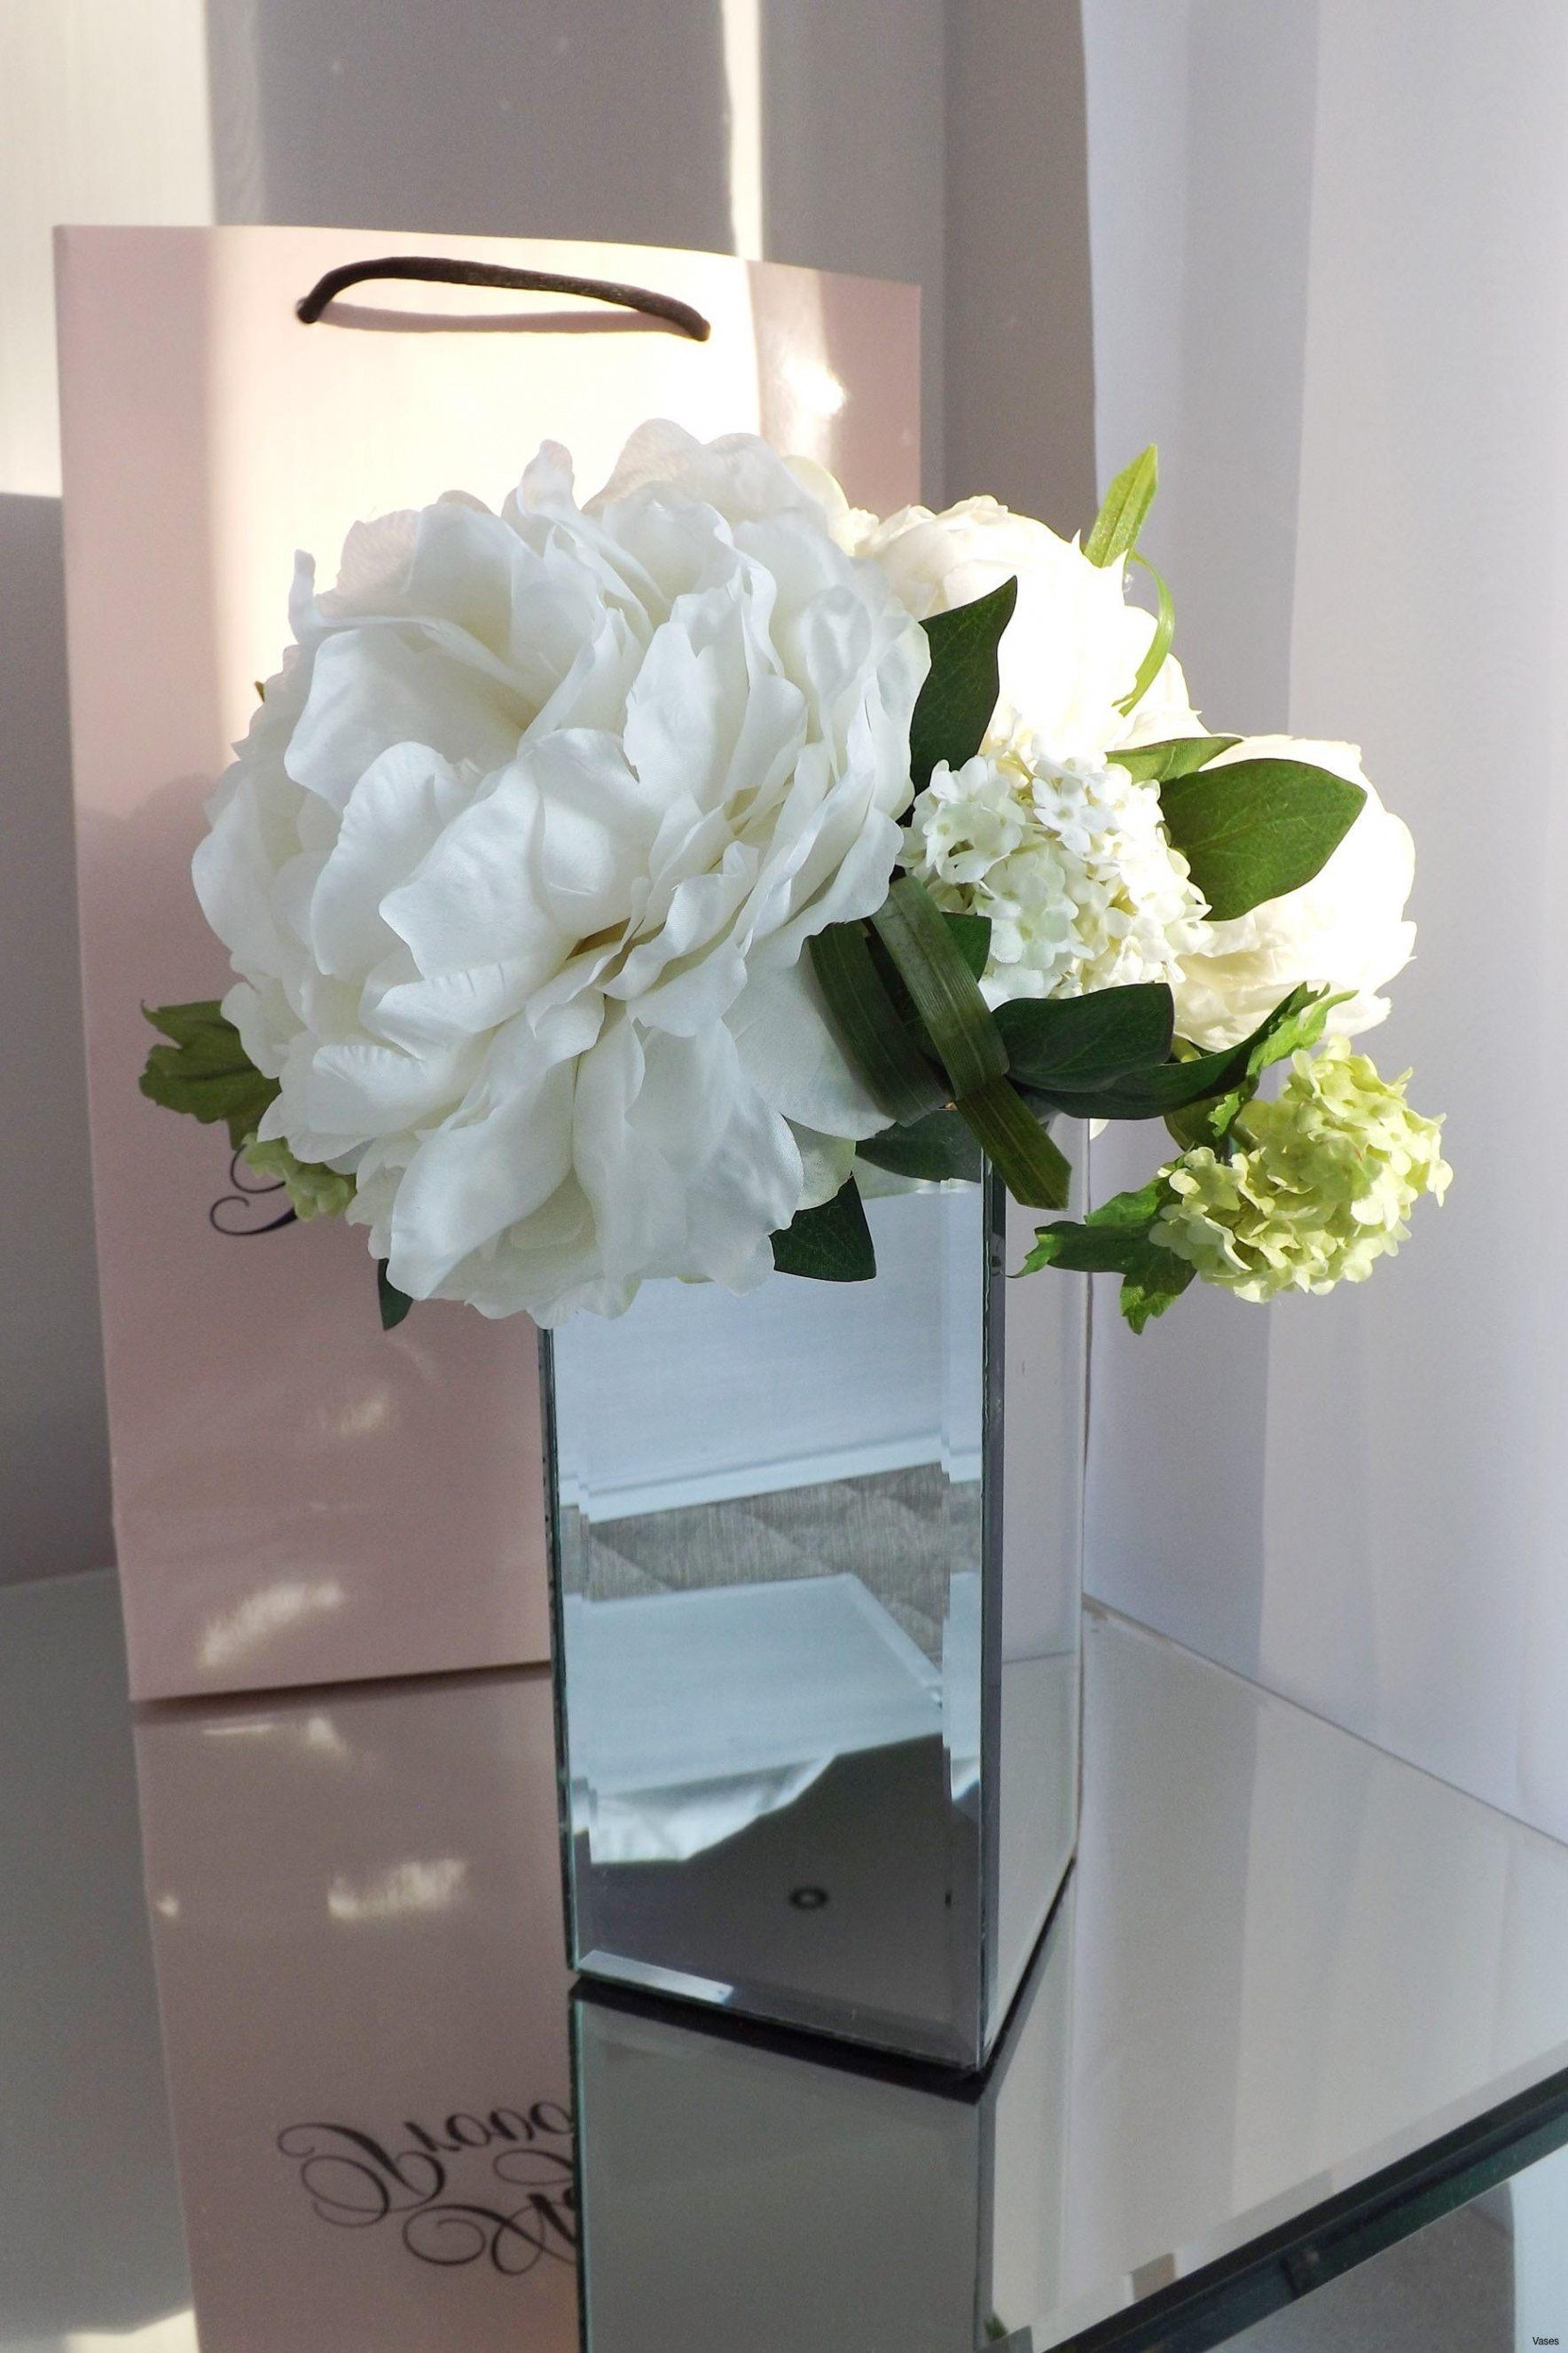 Lit 2 Metre Belle Vases Disposable Plastic Single Cheap Flower Rose Vasei 0d Design